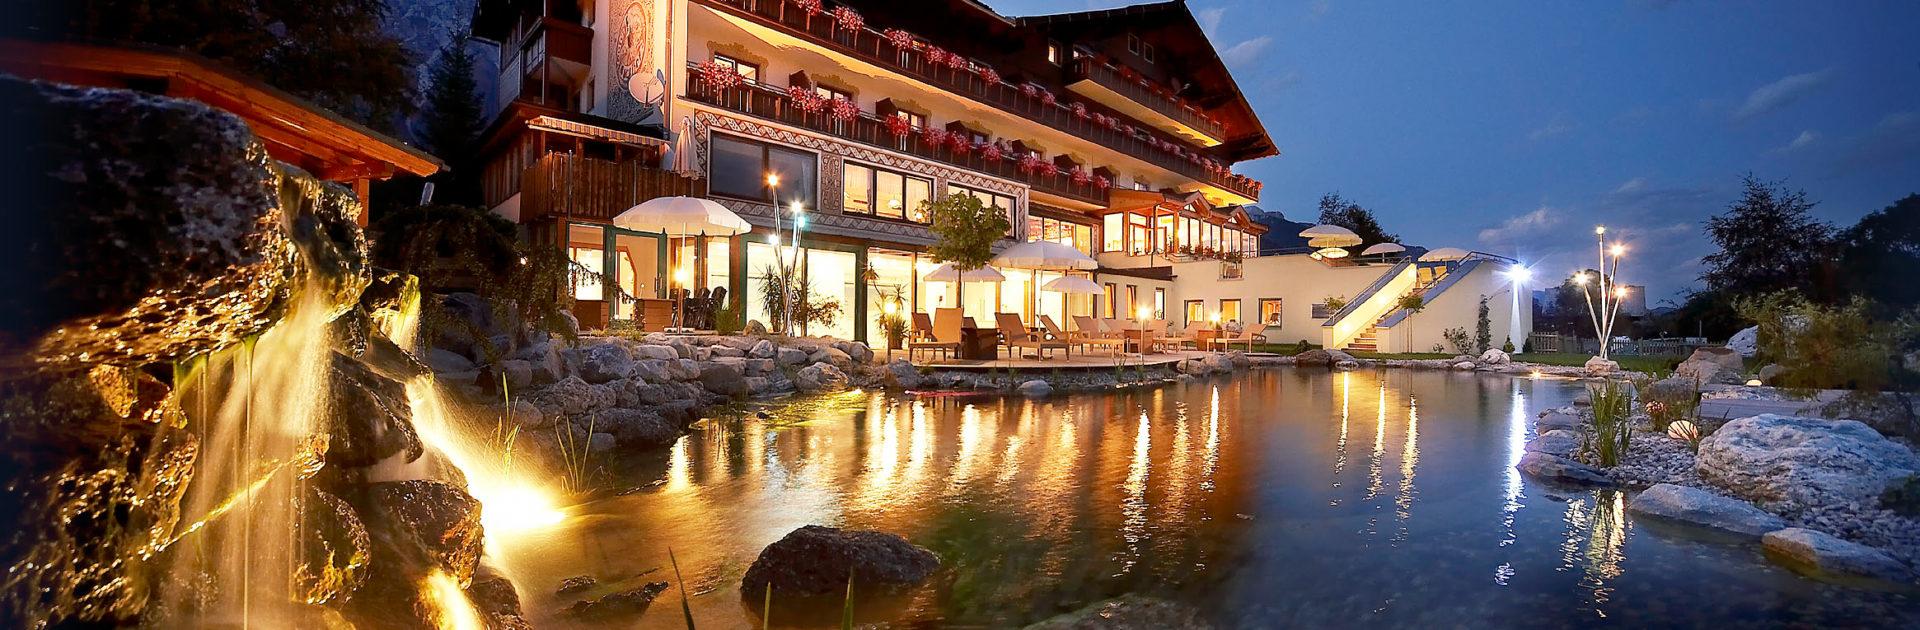 Hotel Berghof Ramsau am Dachstein Abendstimmung